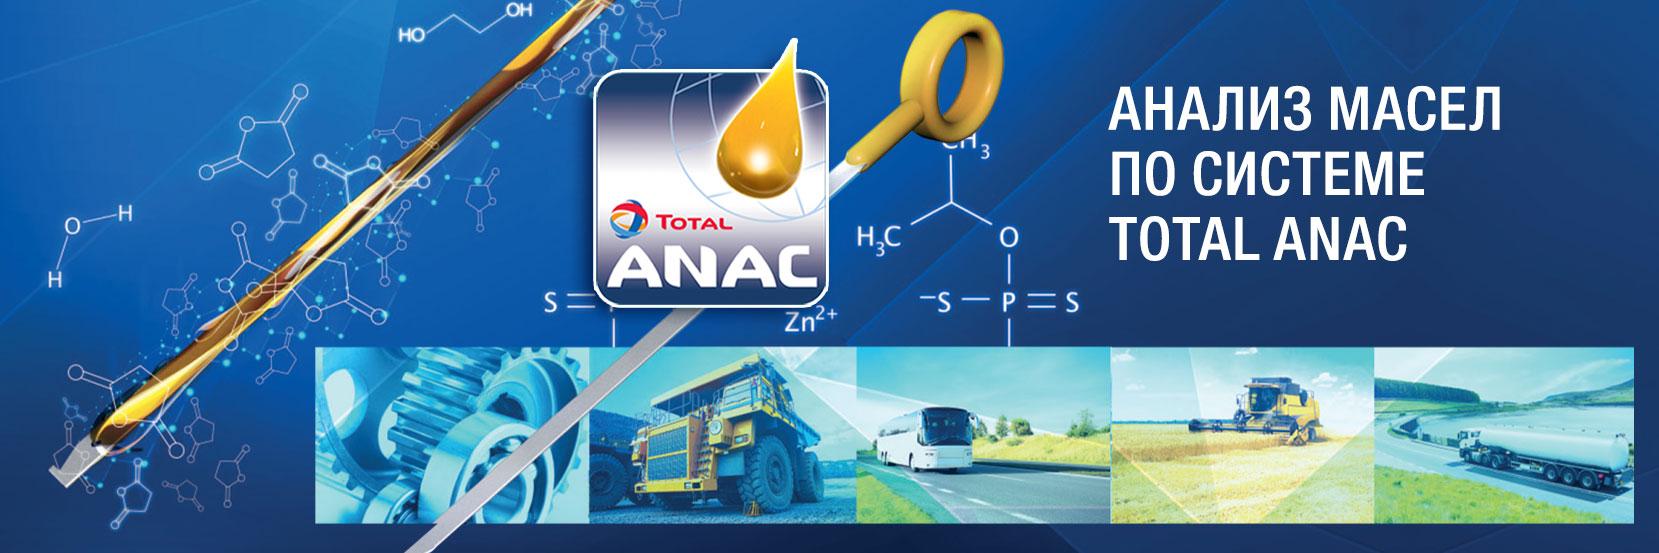 Диагностика масел по системе TOTAL ANAC